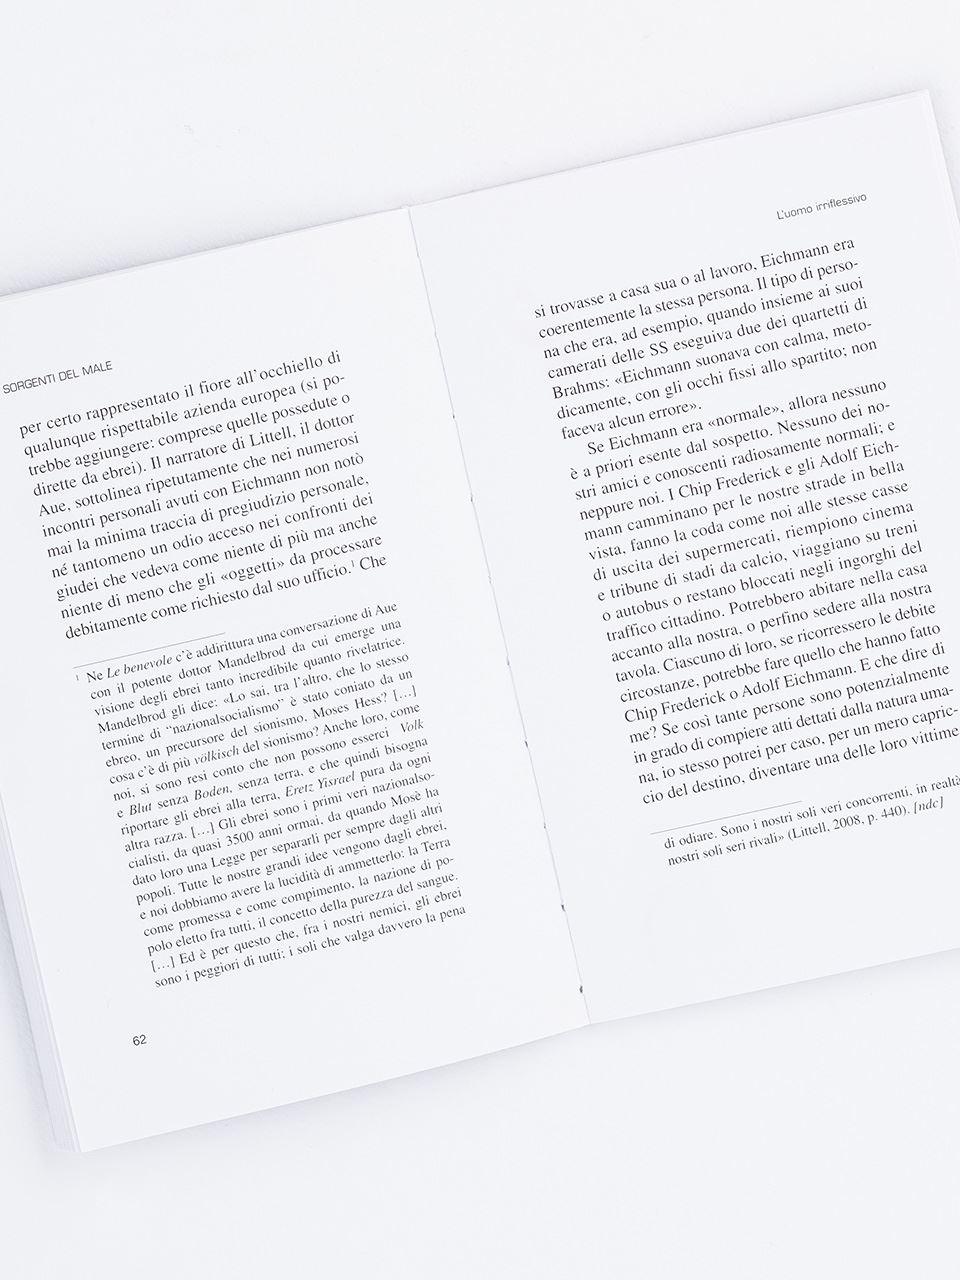 Le sorgenti del male - Libri - Erickson 2